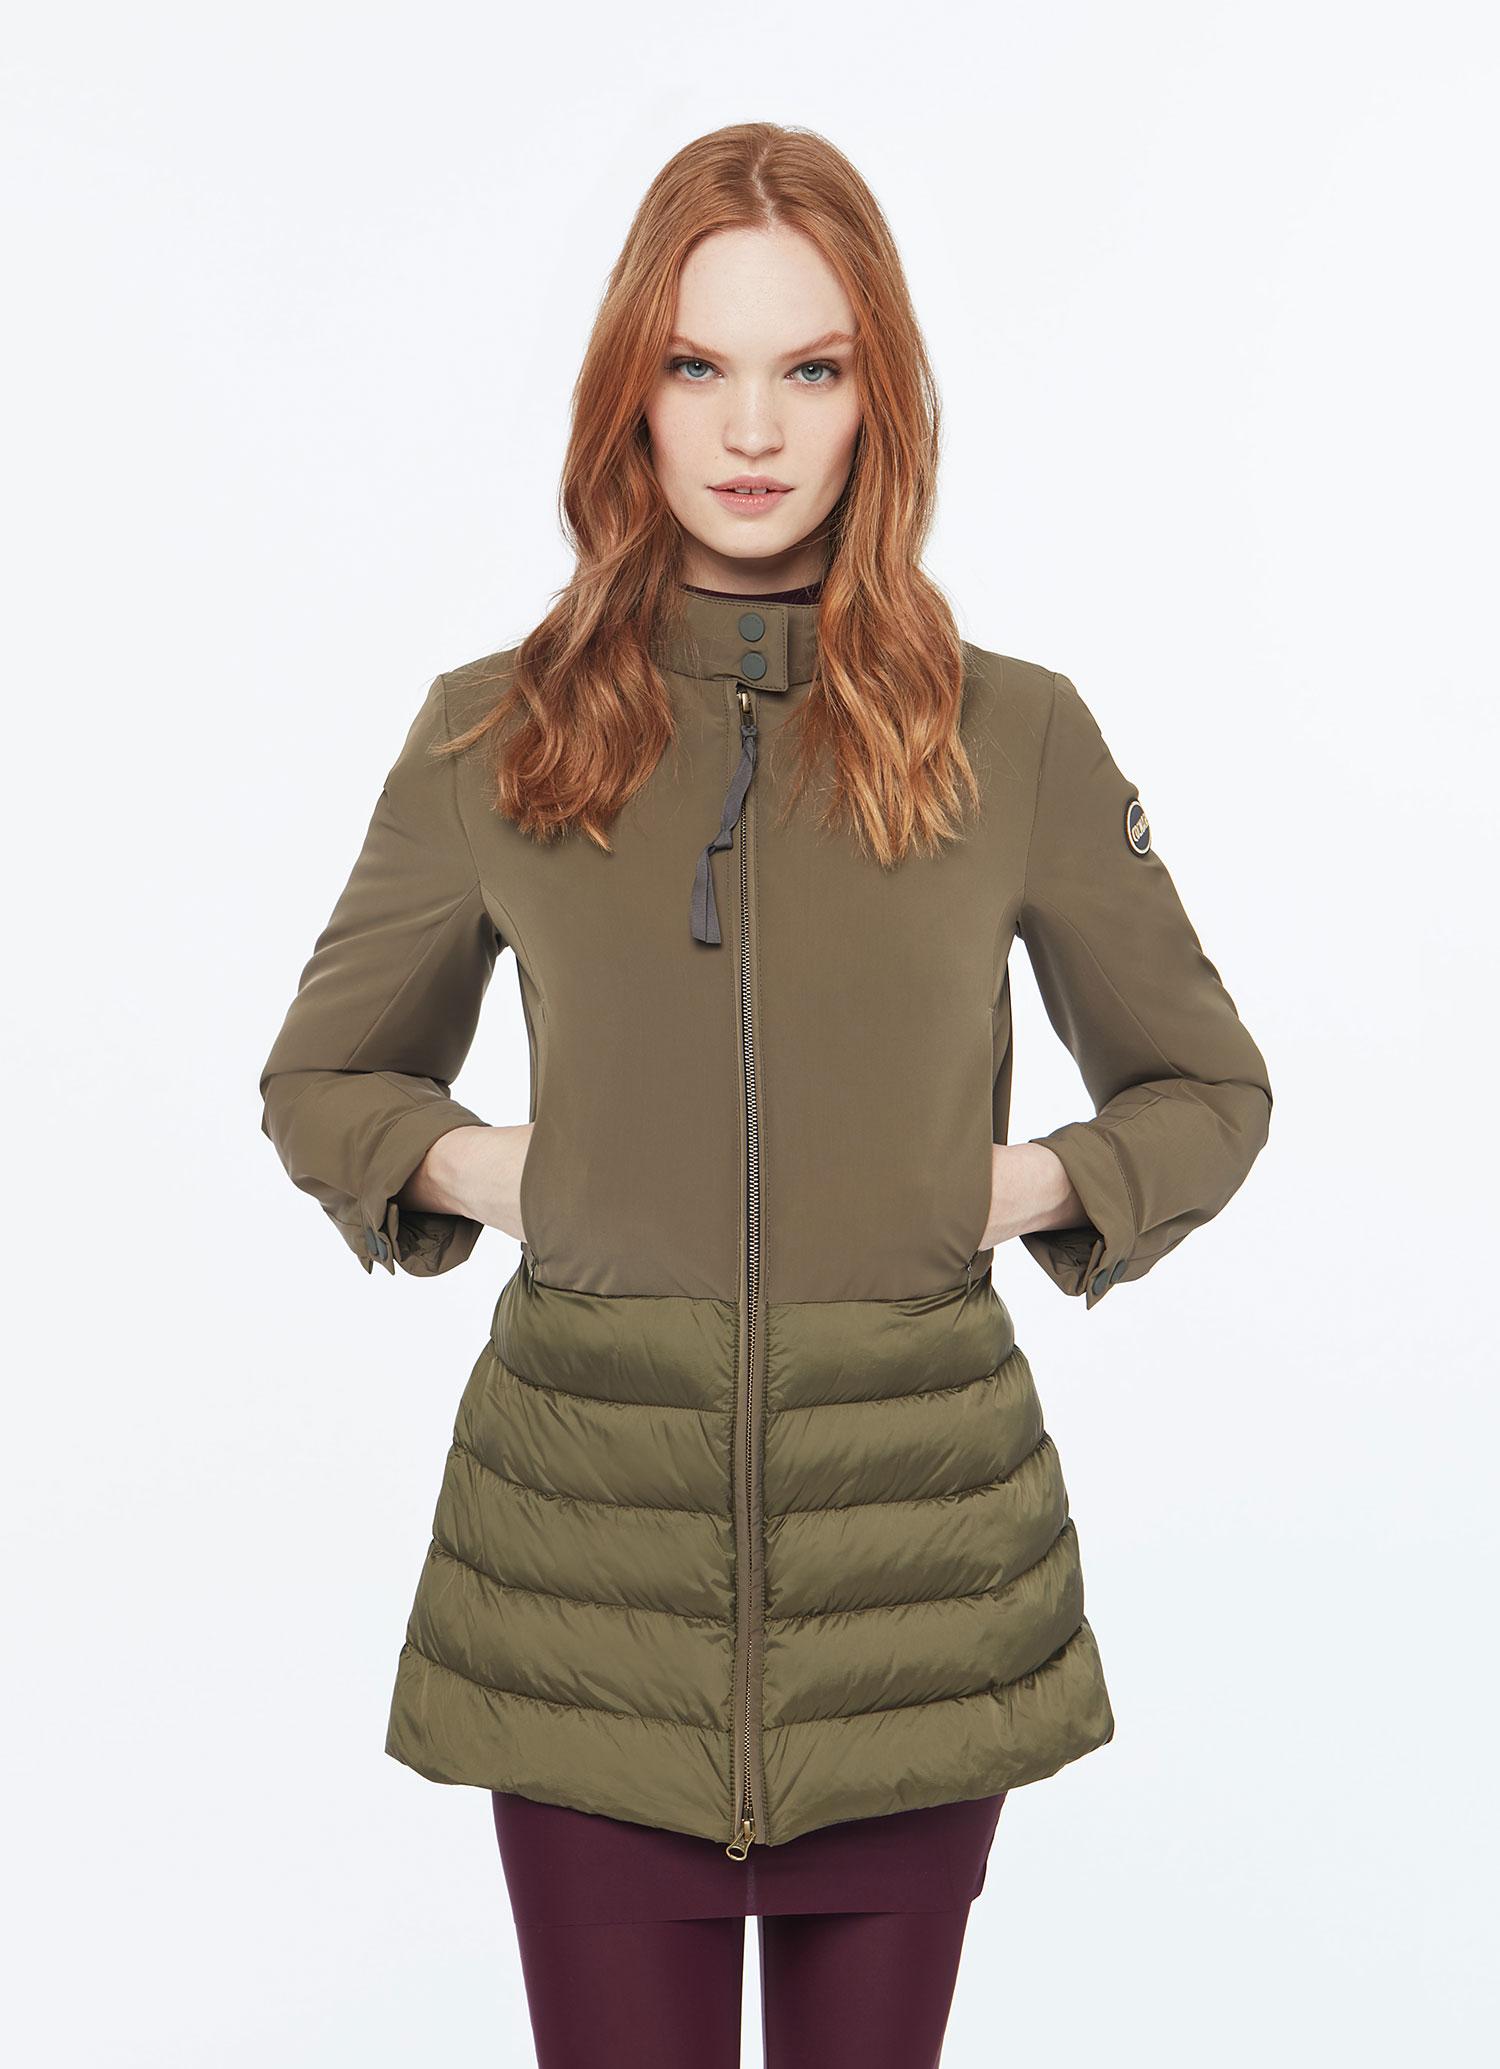 sale retailer 800b6 501d5 Piumini Colmar Originals inverno 2017: avanguardia e ...